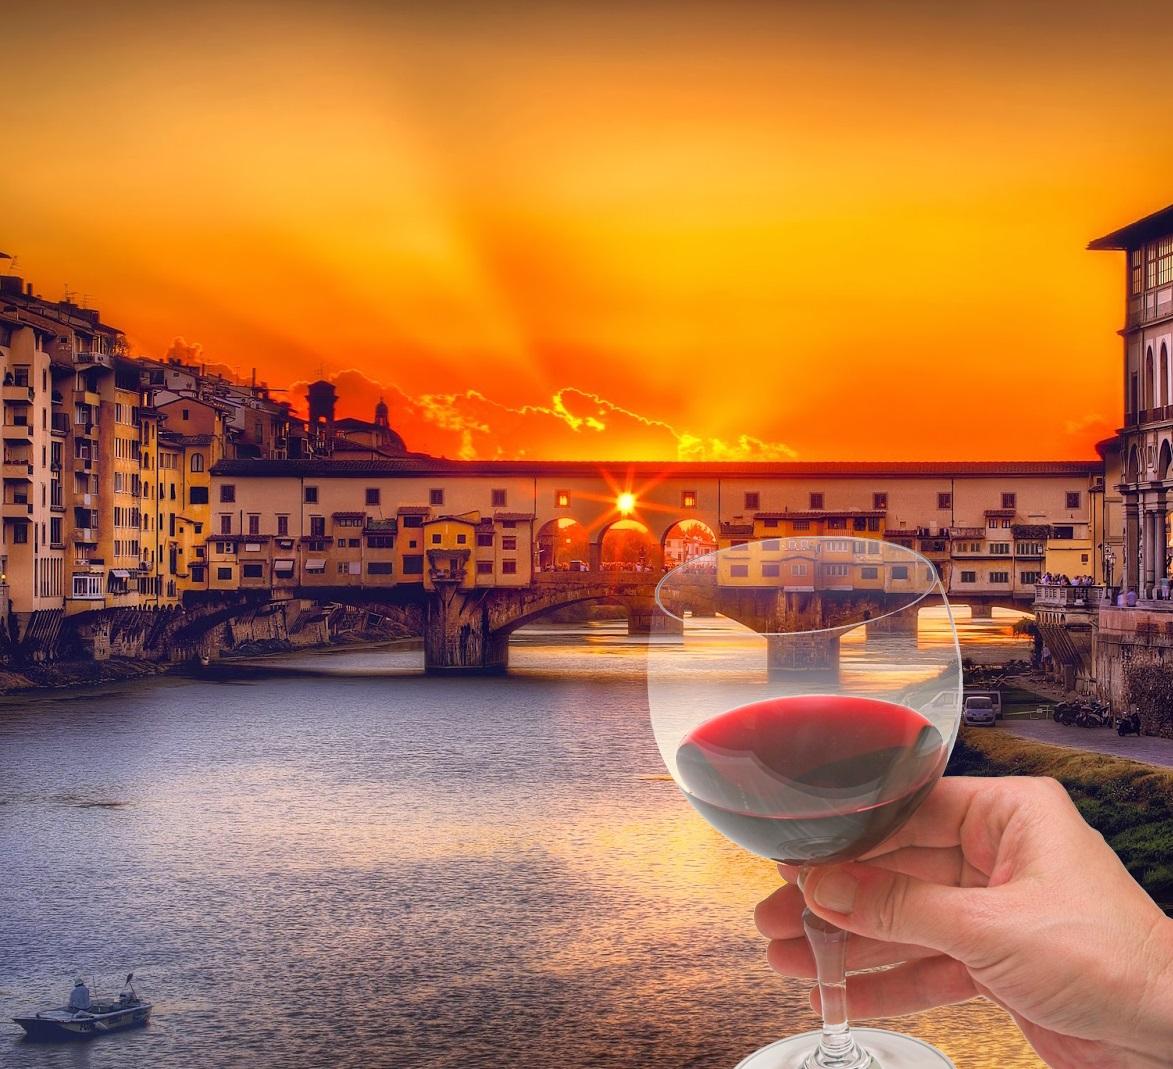 Firenze Arte Accoglienza e Mangiare Bene una Tradizione Secolare